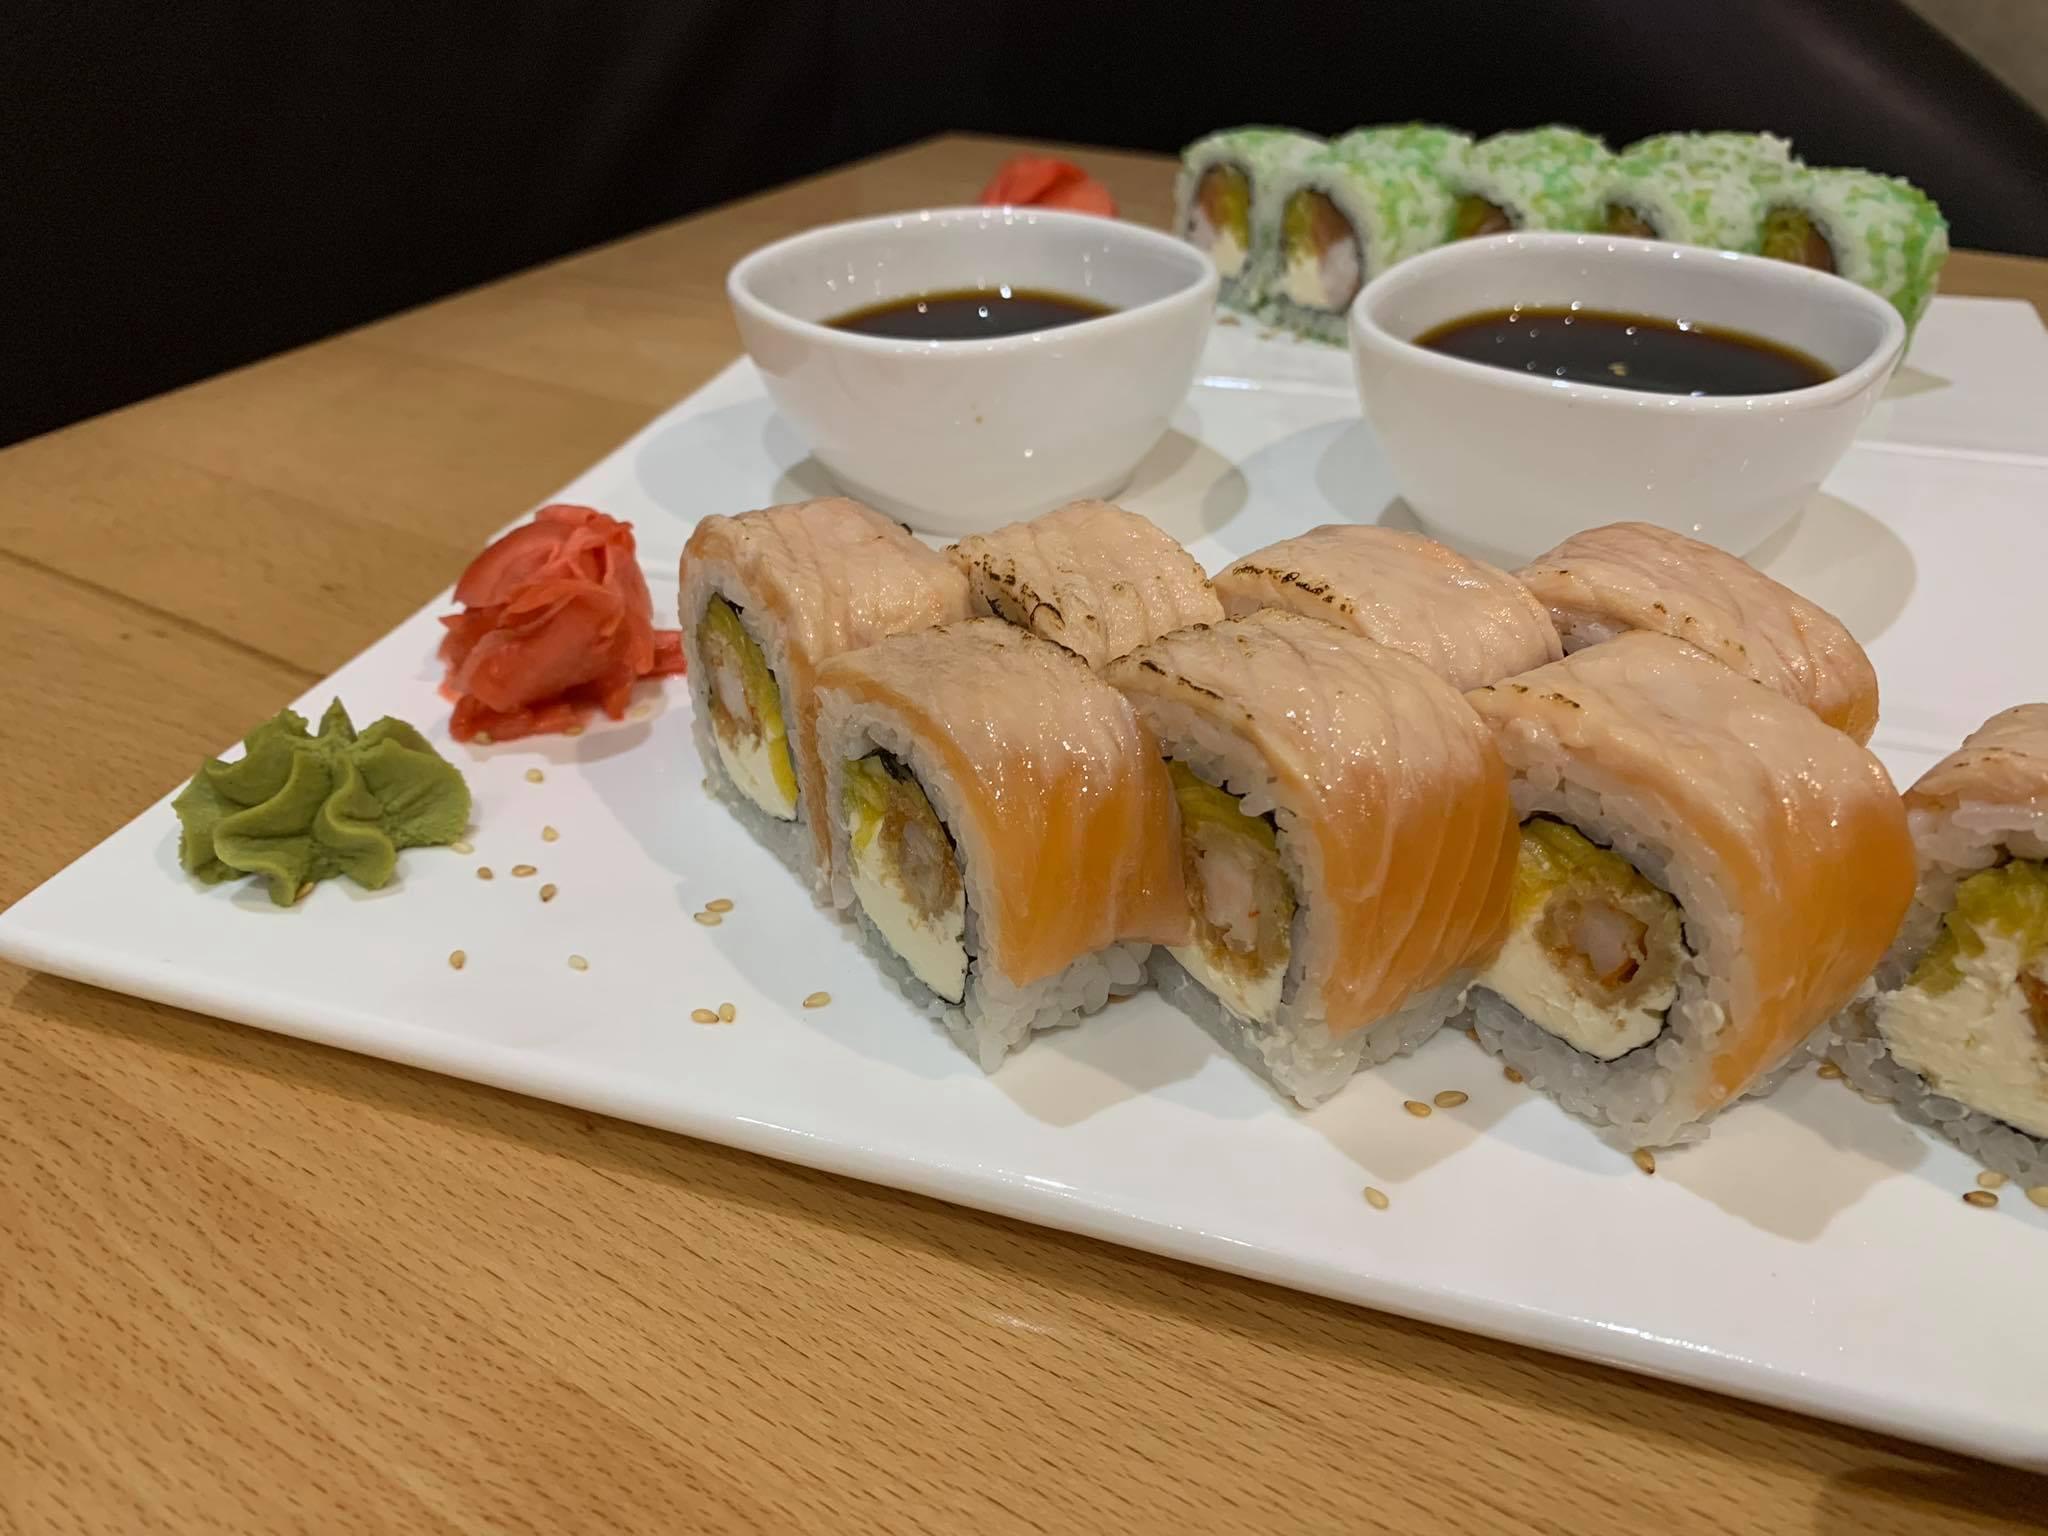 Мистецтво смаку: ресторан «Хлібосольний» запрошує скуштувати роли (ФОТО, ВІДЕО)